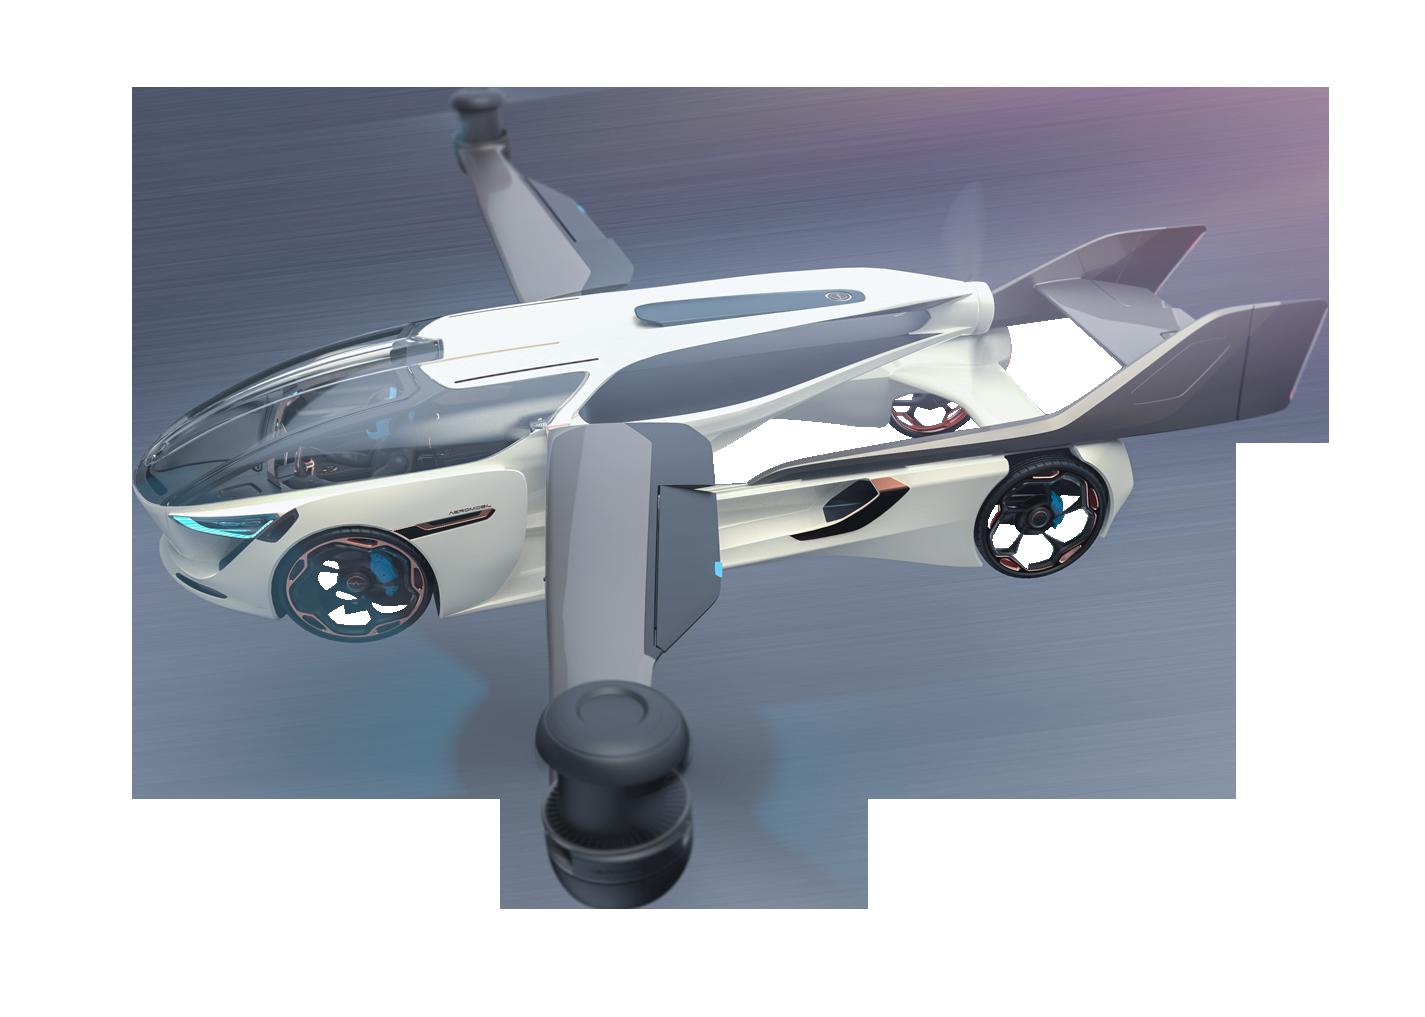 AeroMobil 5 VTOL